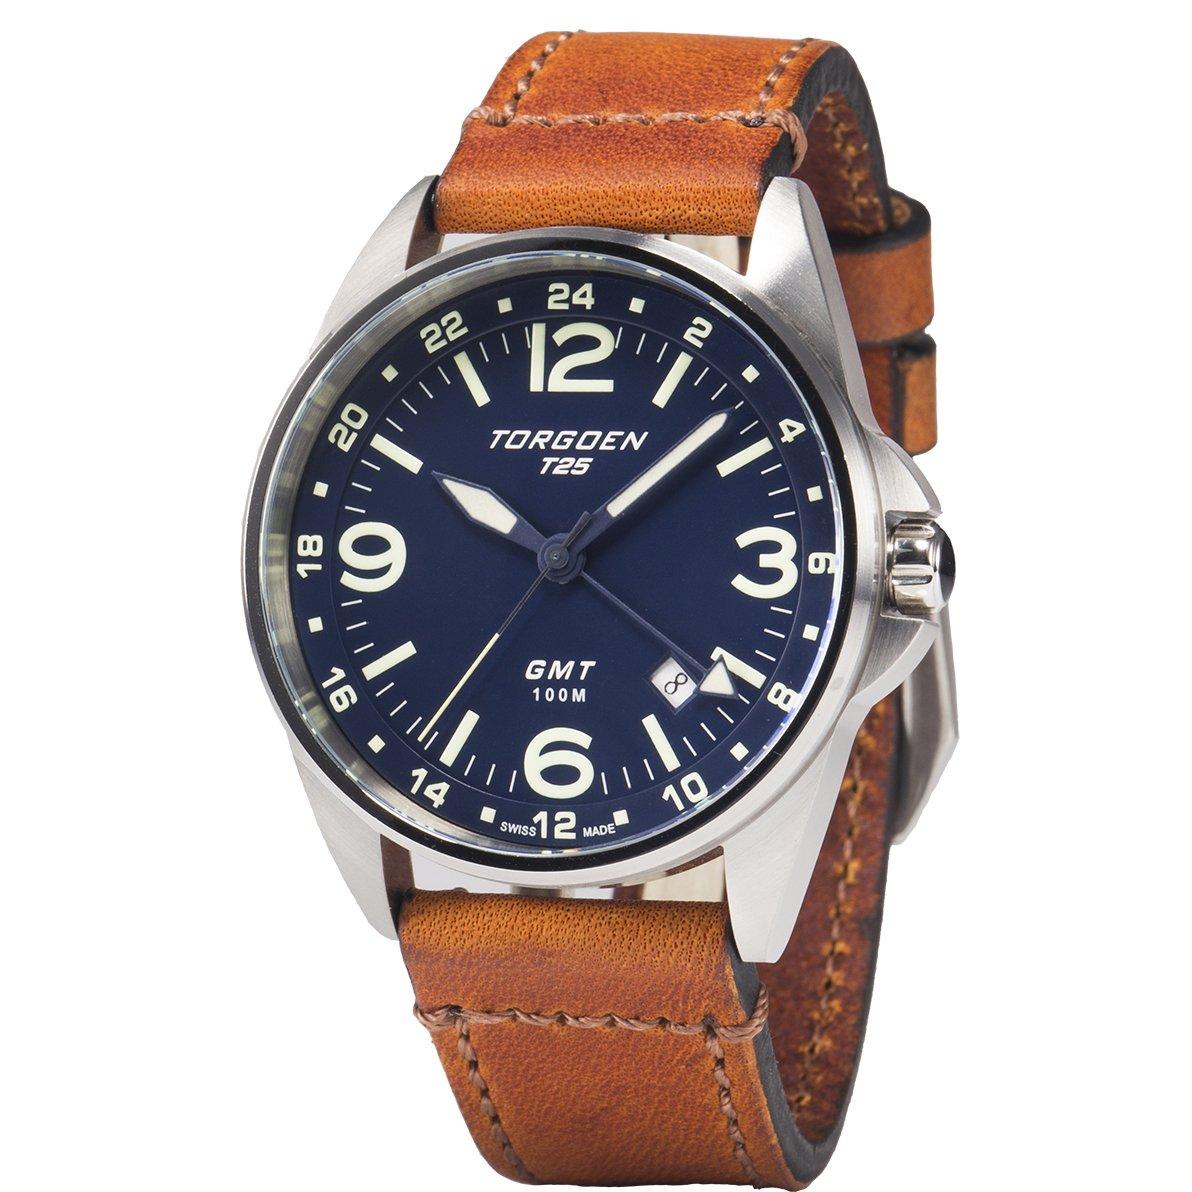 Torgoen t25ブルーGMTパイロット腕時計  41 mm – ヴィンテージレザーストラップ  Spphireクリスタル B07CR6JQLB